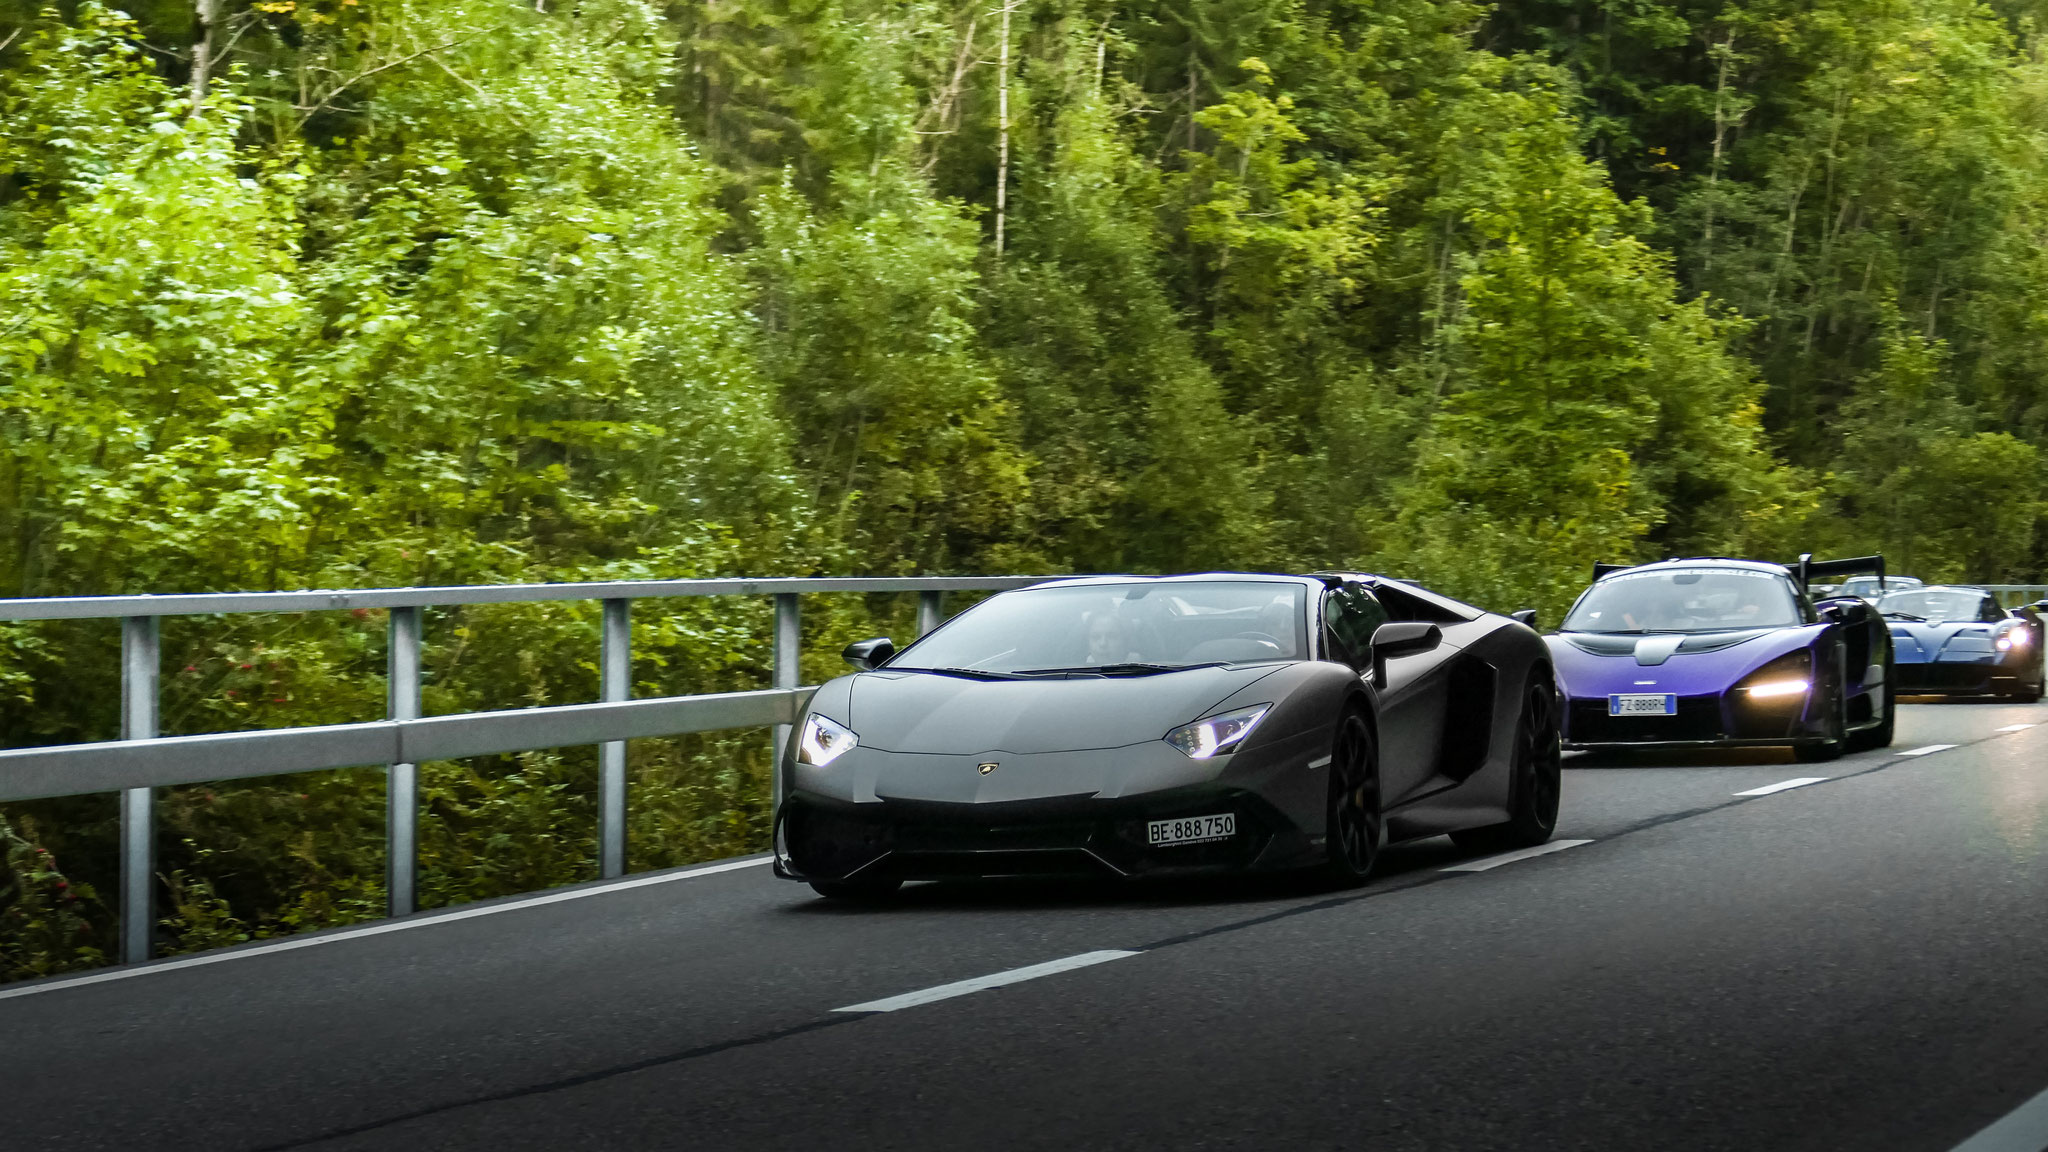 Lamborghini Aventador 50th Anniversary - BE-888750 (CH)